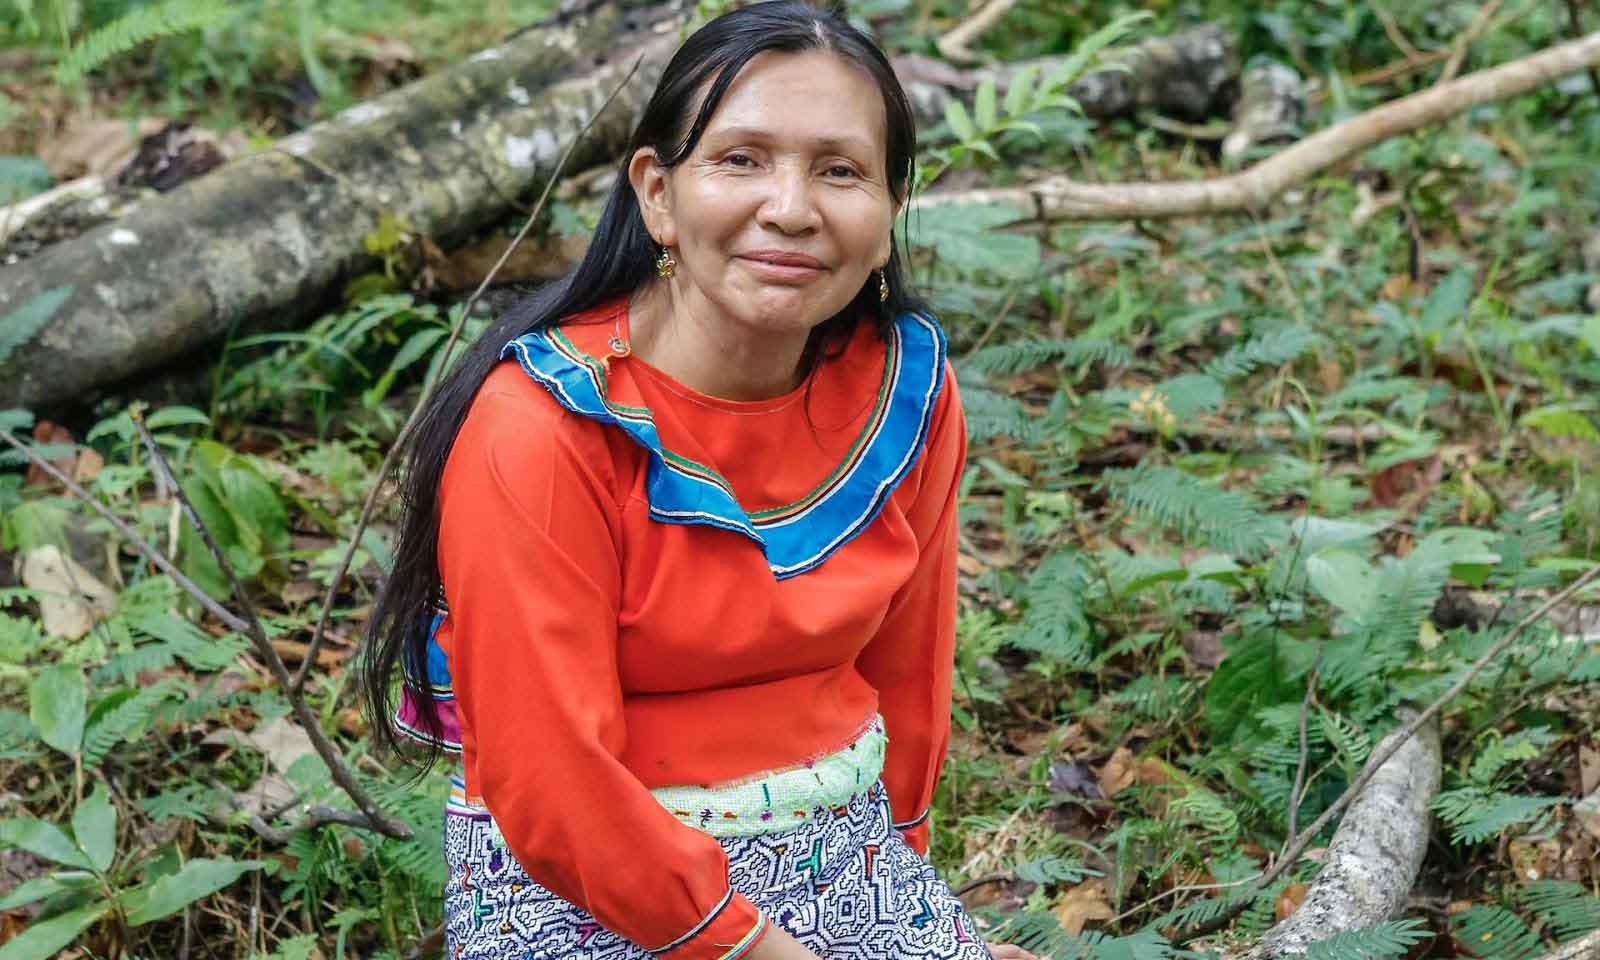 Elena Valera Vasquez - A Shipiba Maestra working with Ayahuasca